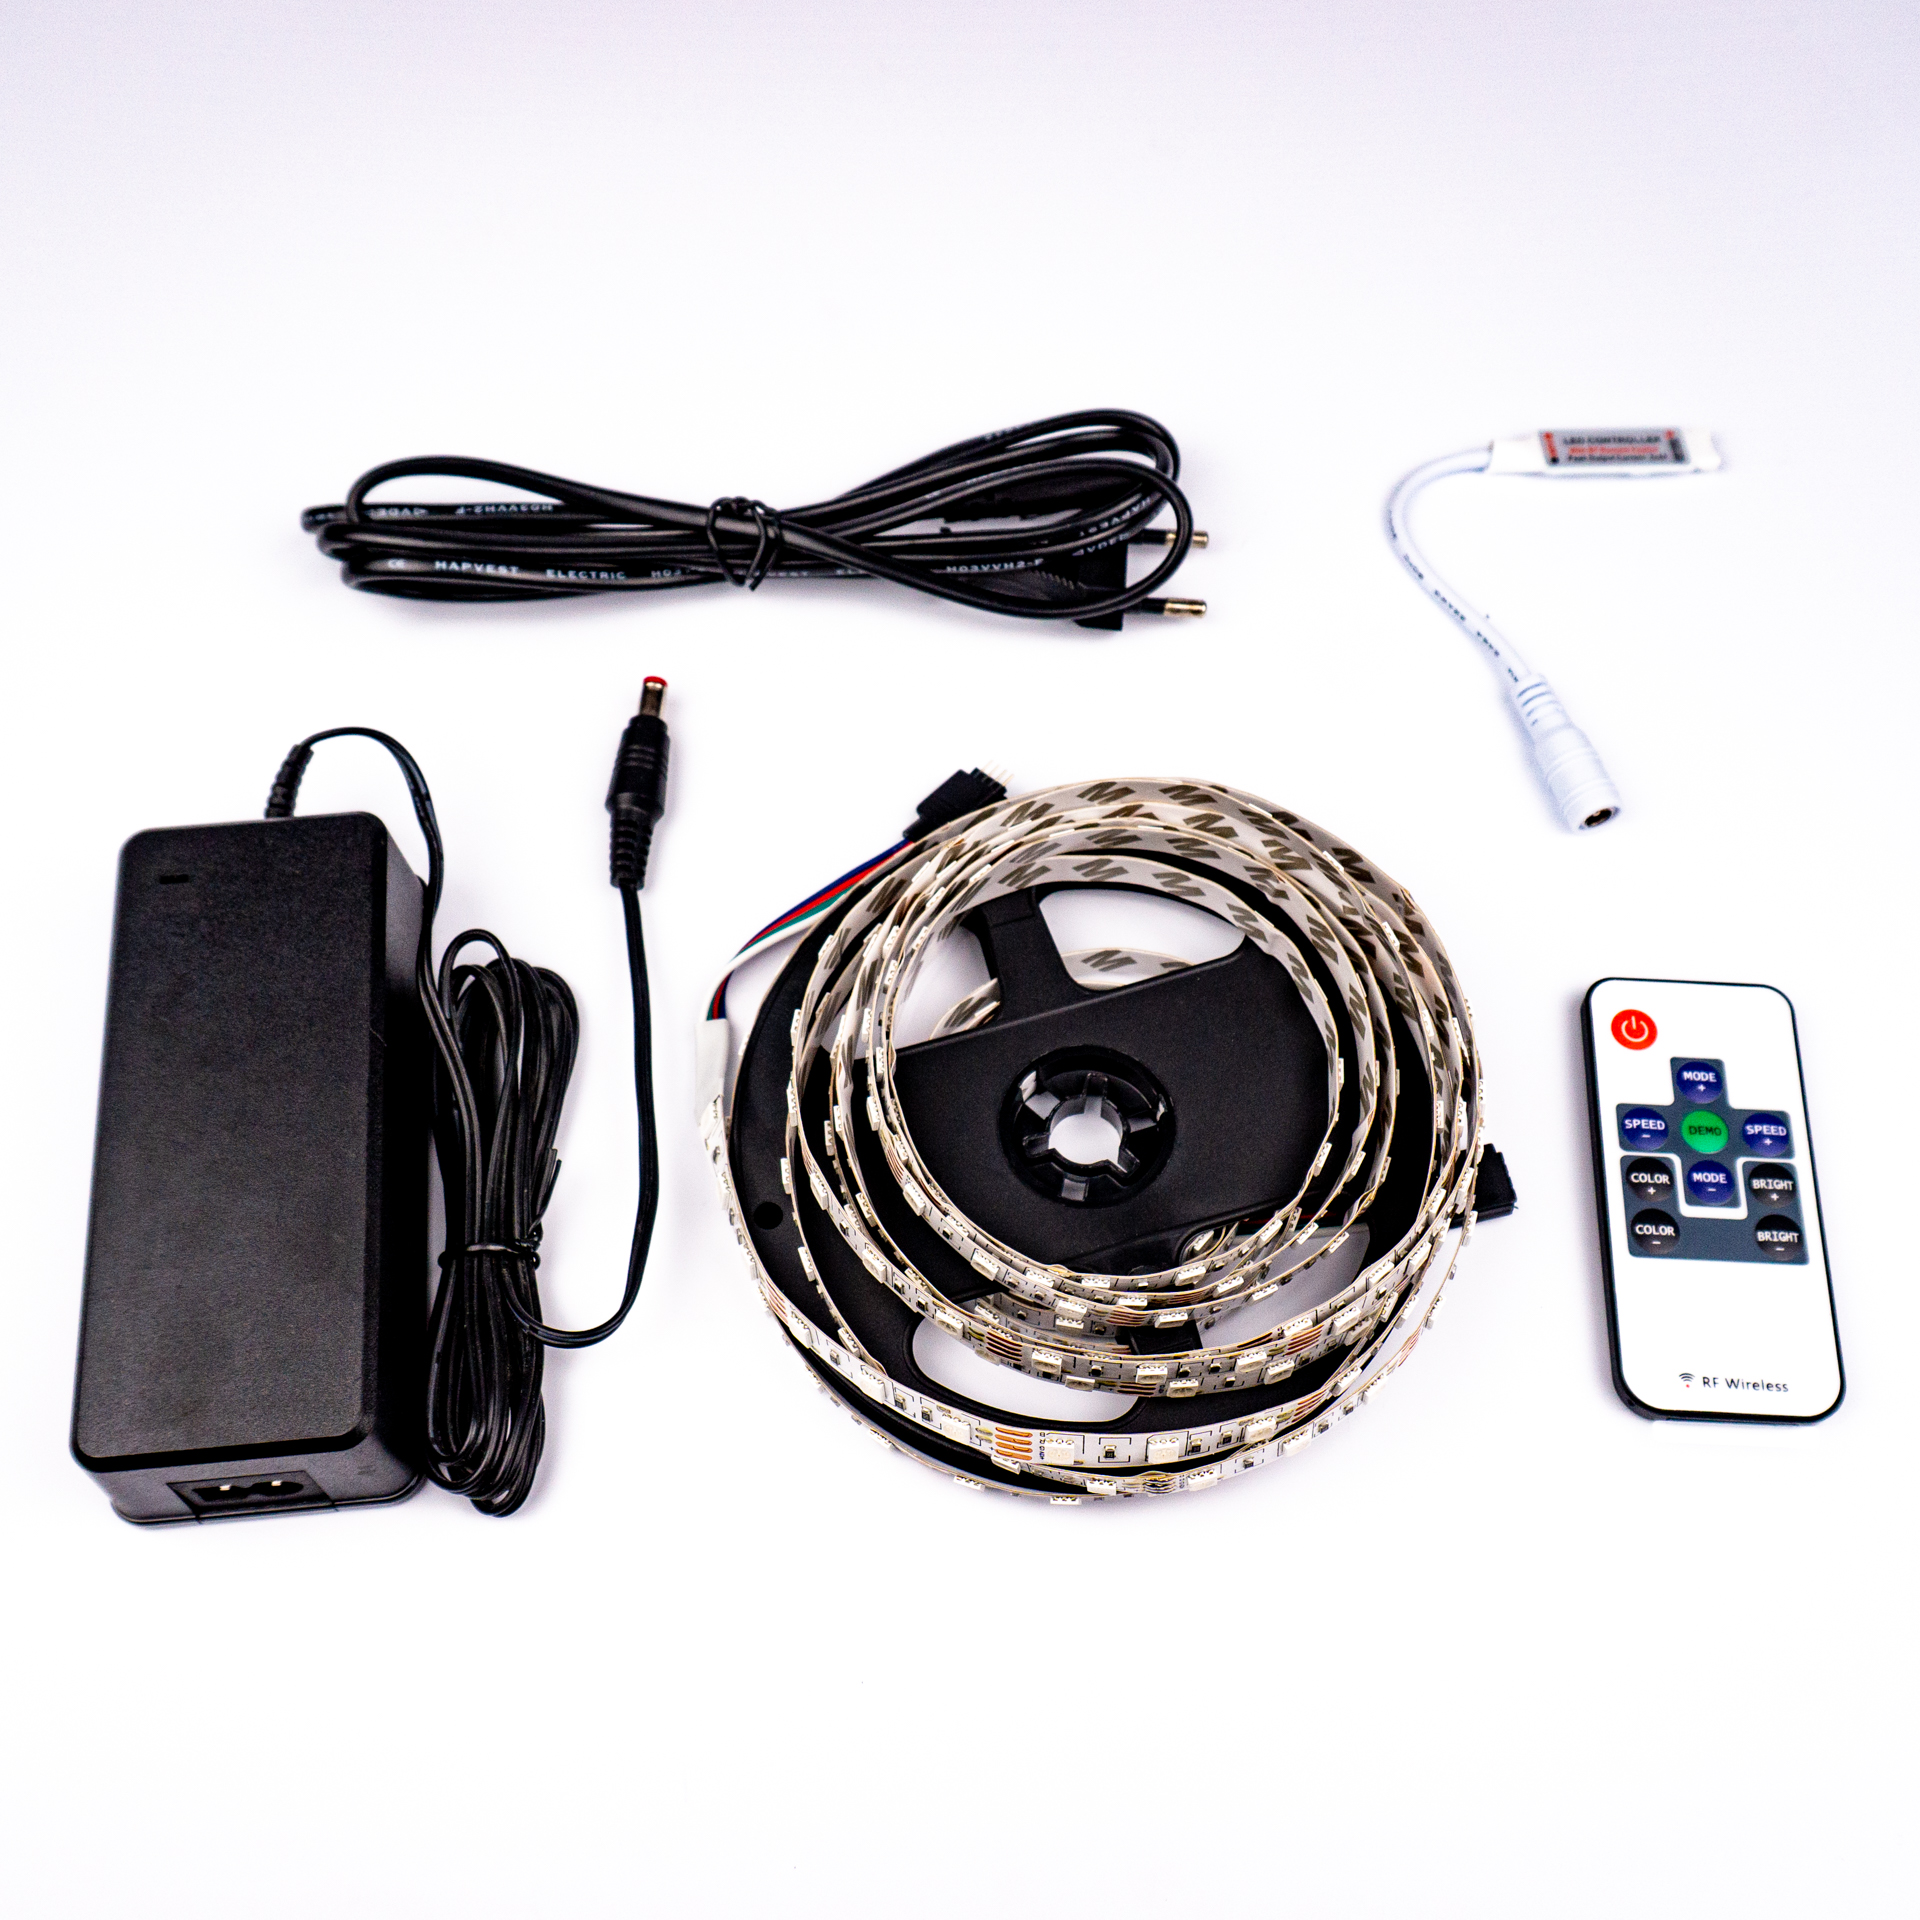 Komplett LED Szalag Szett Beltéri RGB Színes 5050 60 LED/M RF 5 Méter LSS-5RGBRF